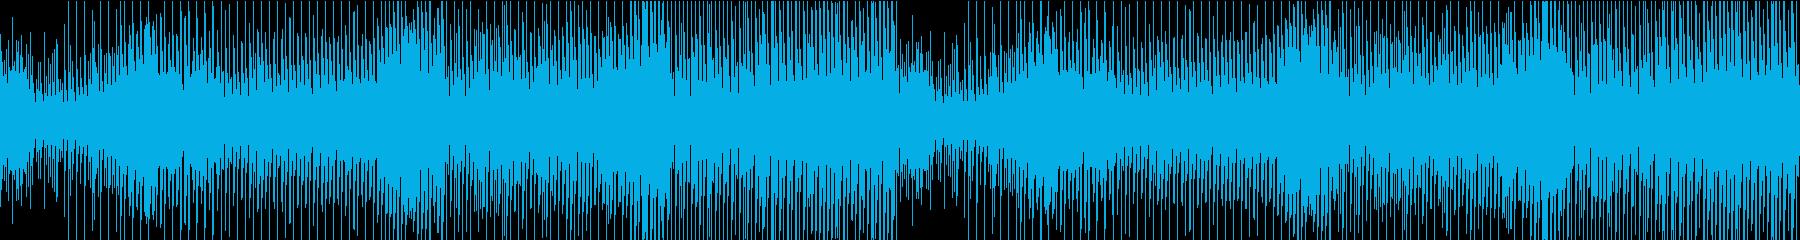 トイピアノのメルヘンでかわいいパレード曲の再生済みの波形